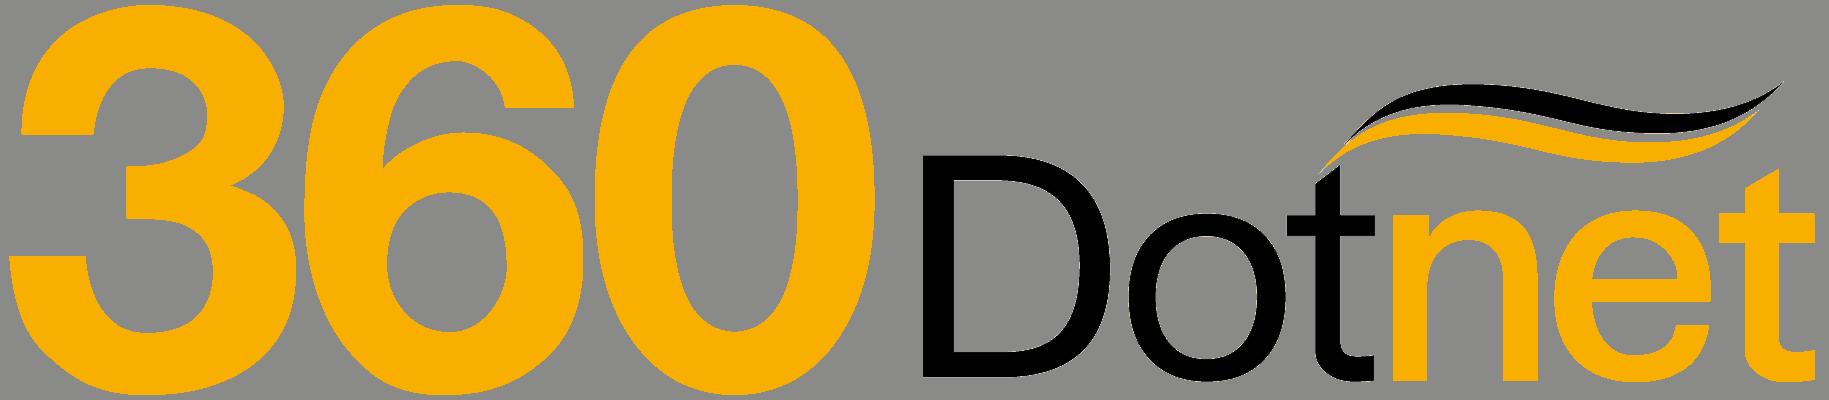 360 Dotnet